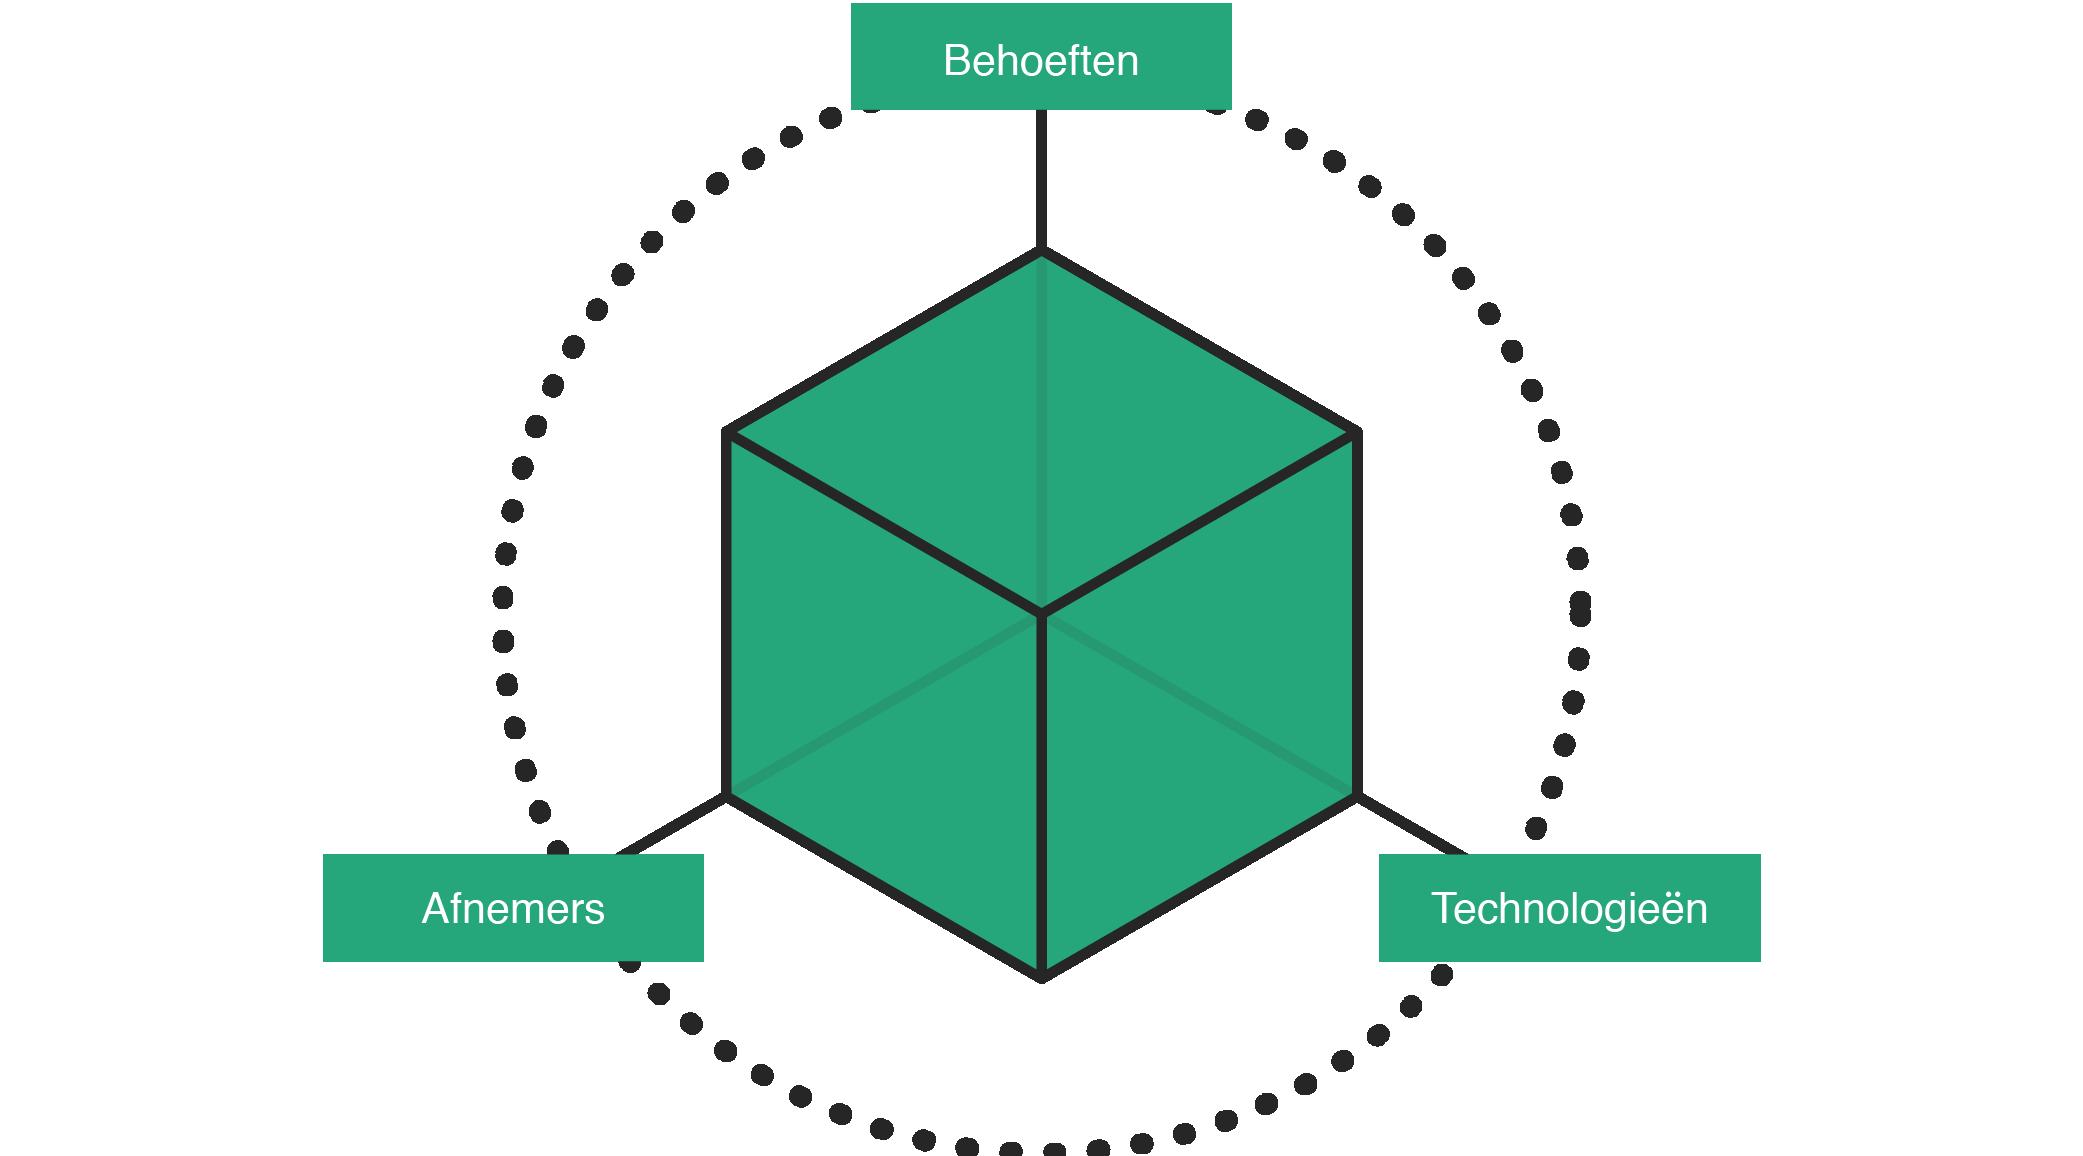 uitleg business definition model modelmatig matrix diagram template matrix diagram adalah